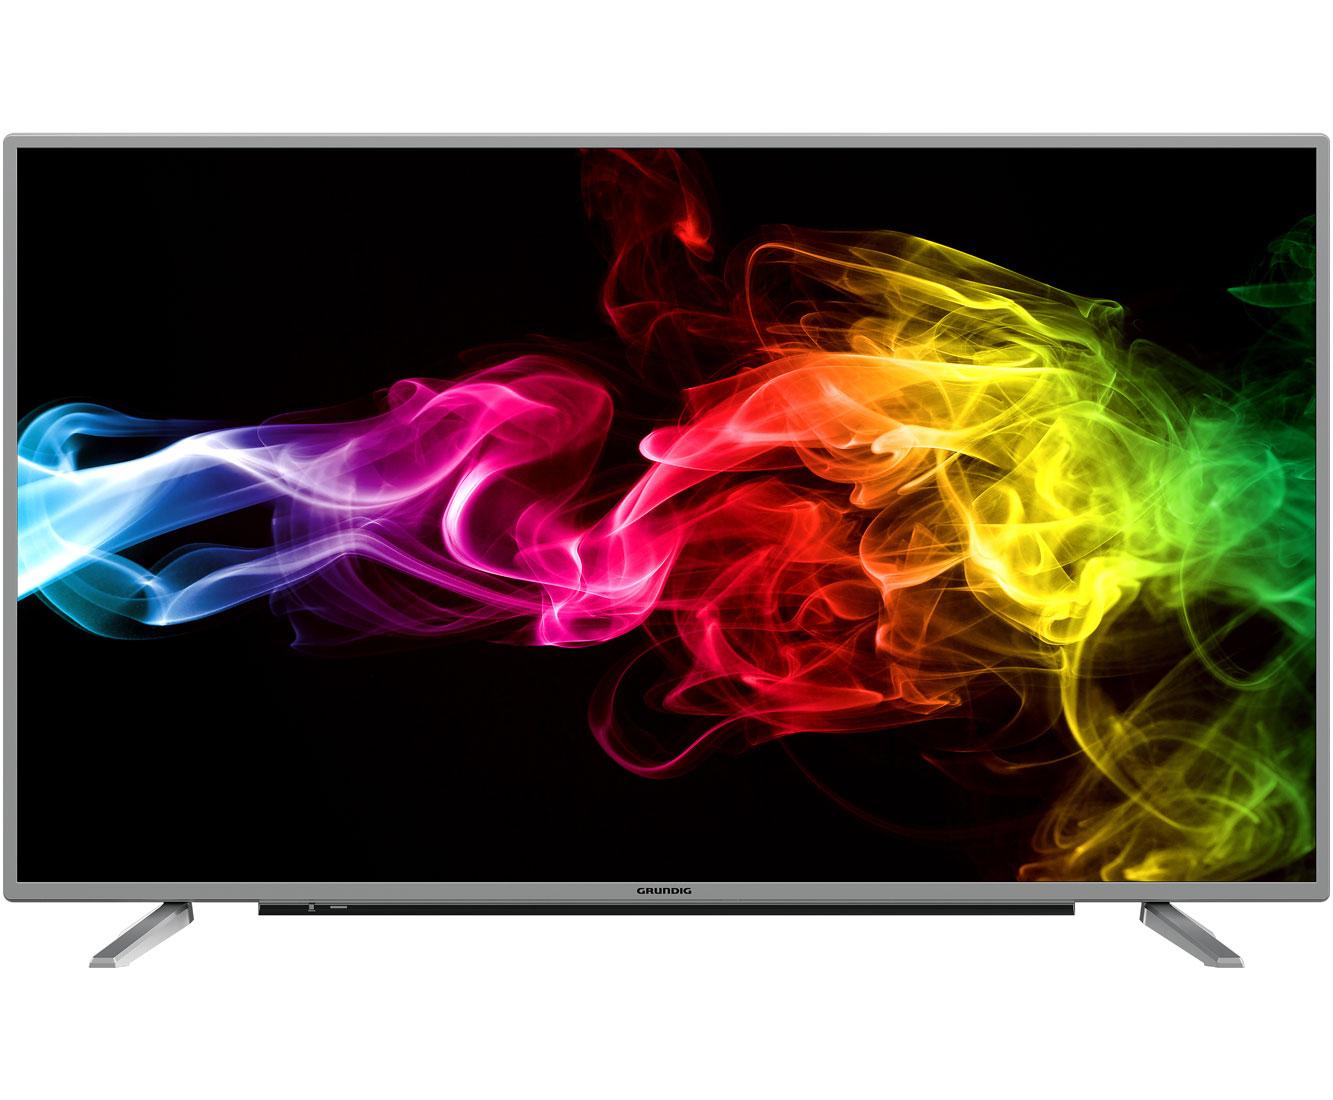 Grundig Vision 6 32 GFS 6820 Fernseher - Silber